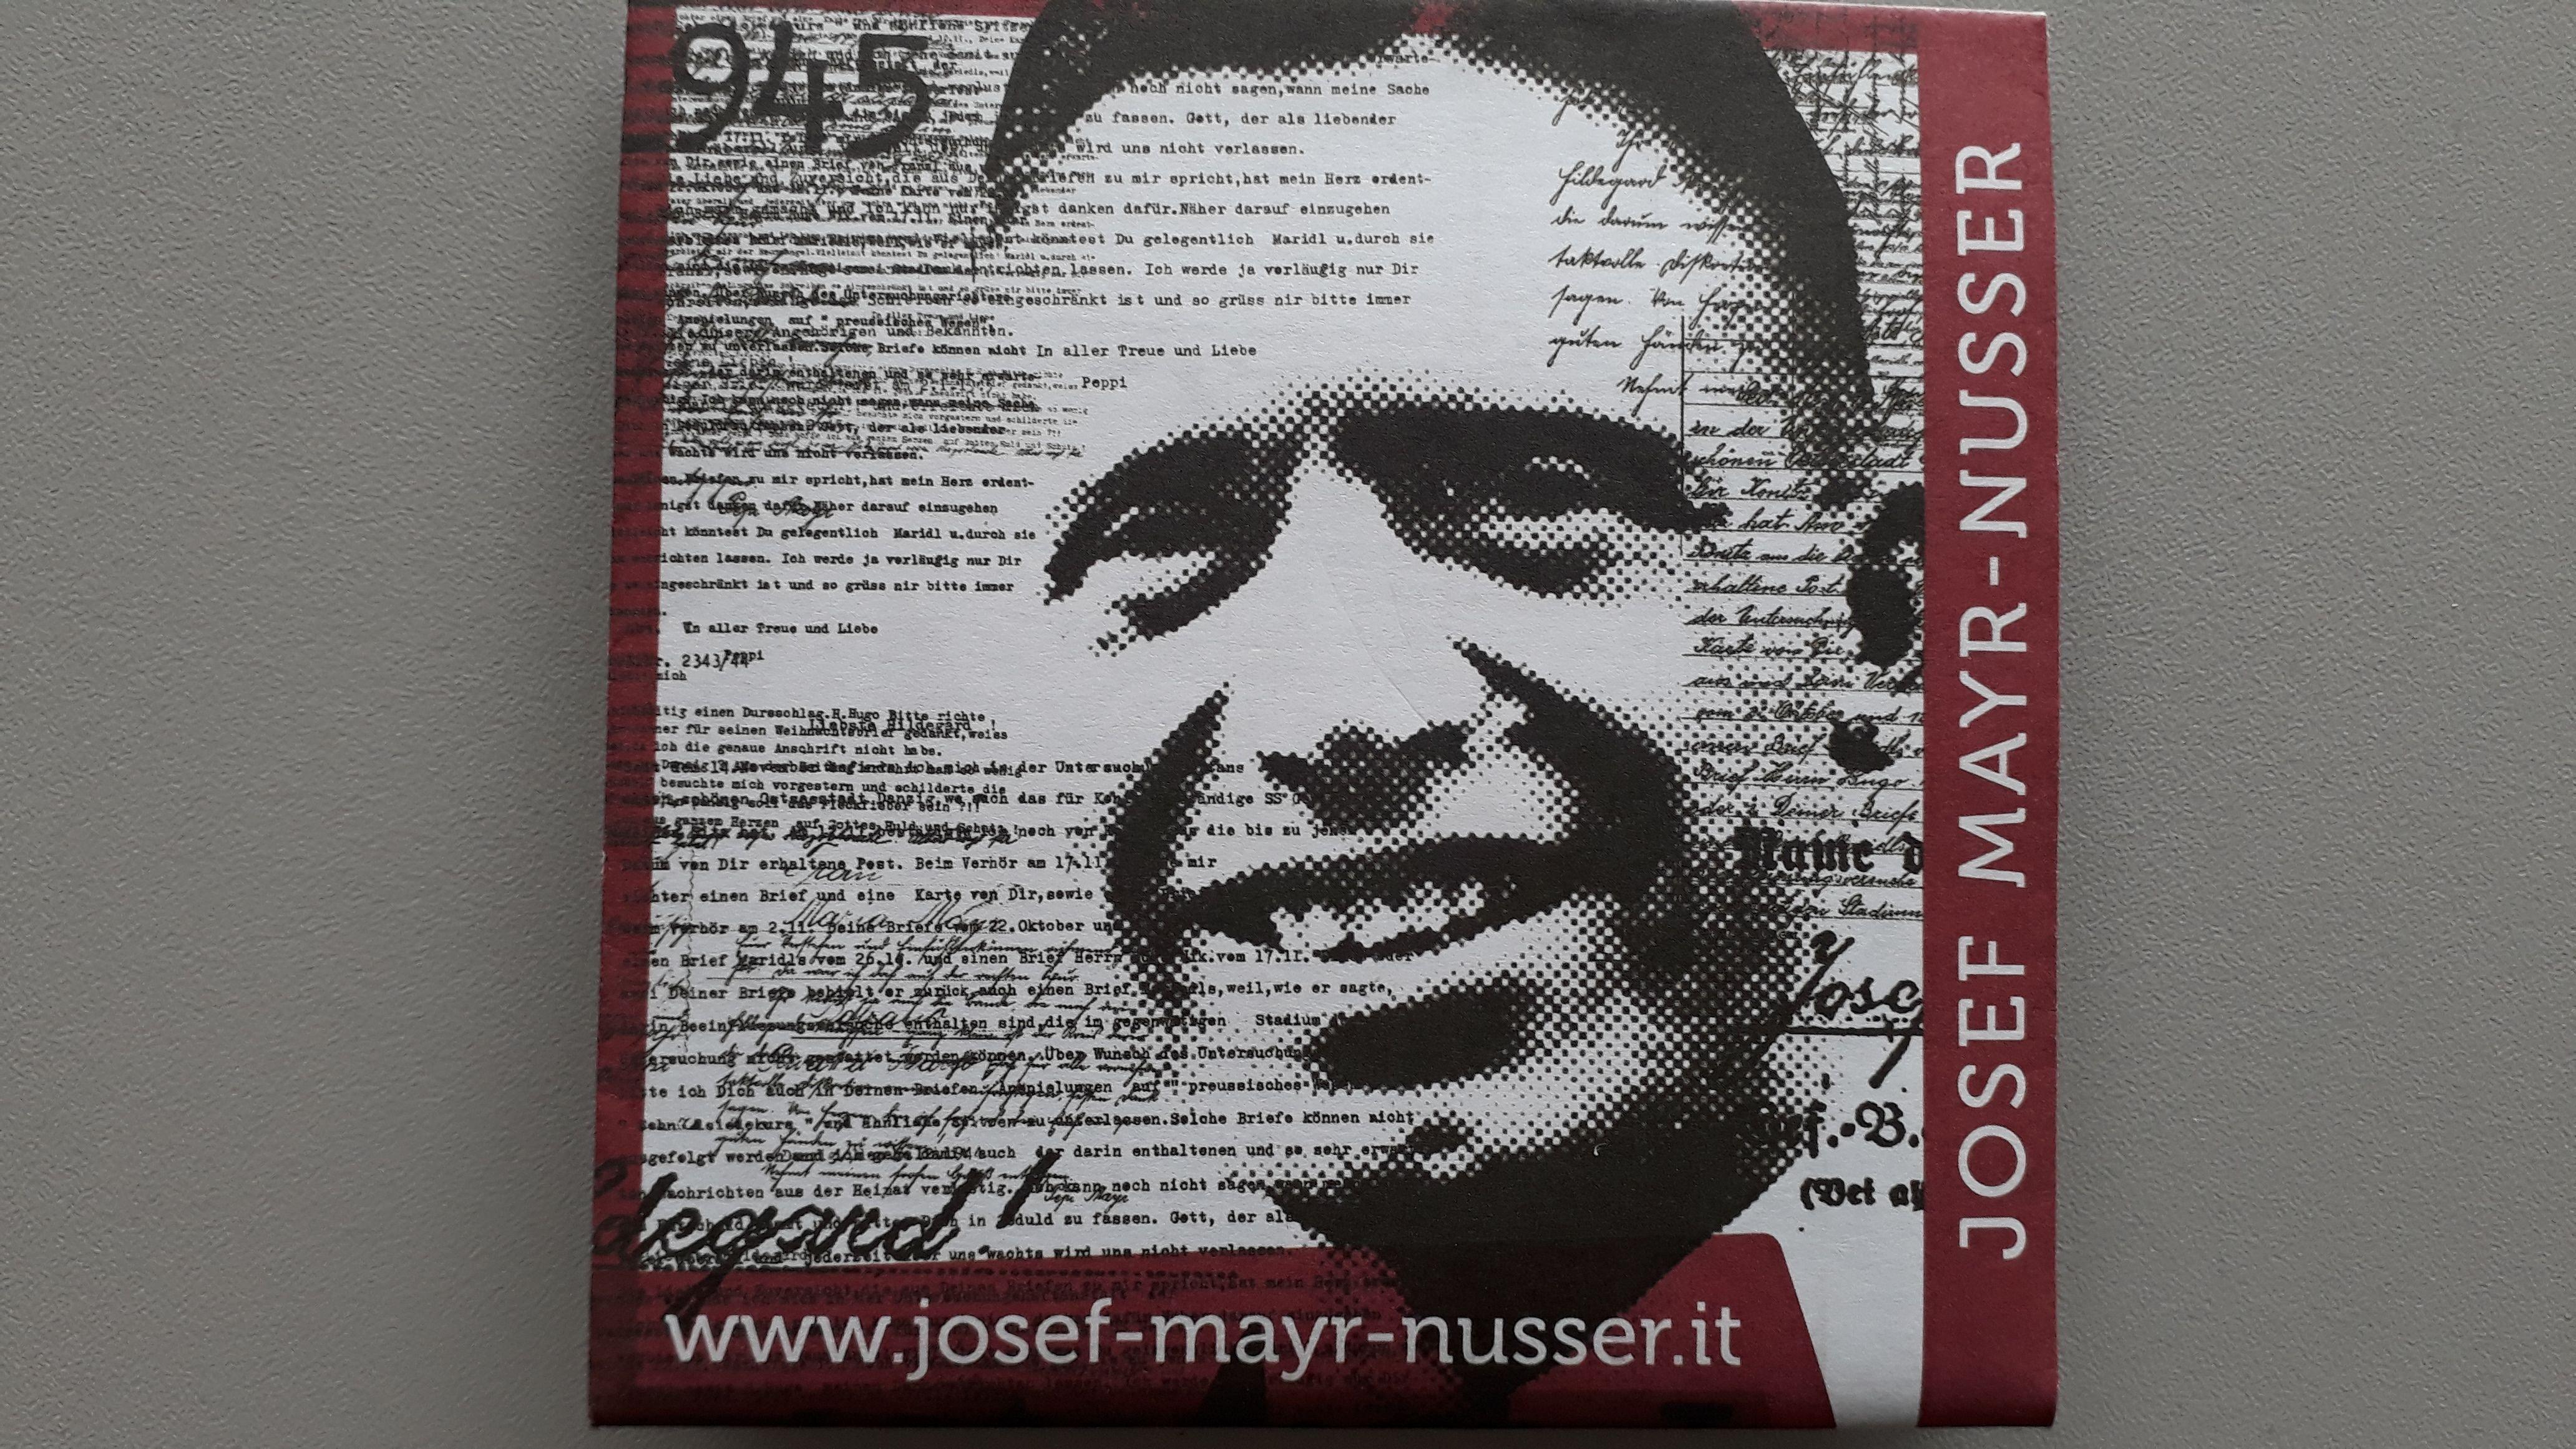 Leben und Wirken von Josef Mayr-Nusser - © Veranstalter